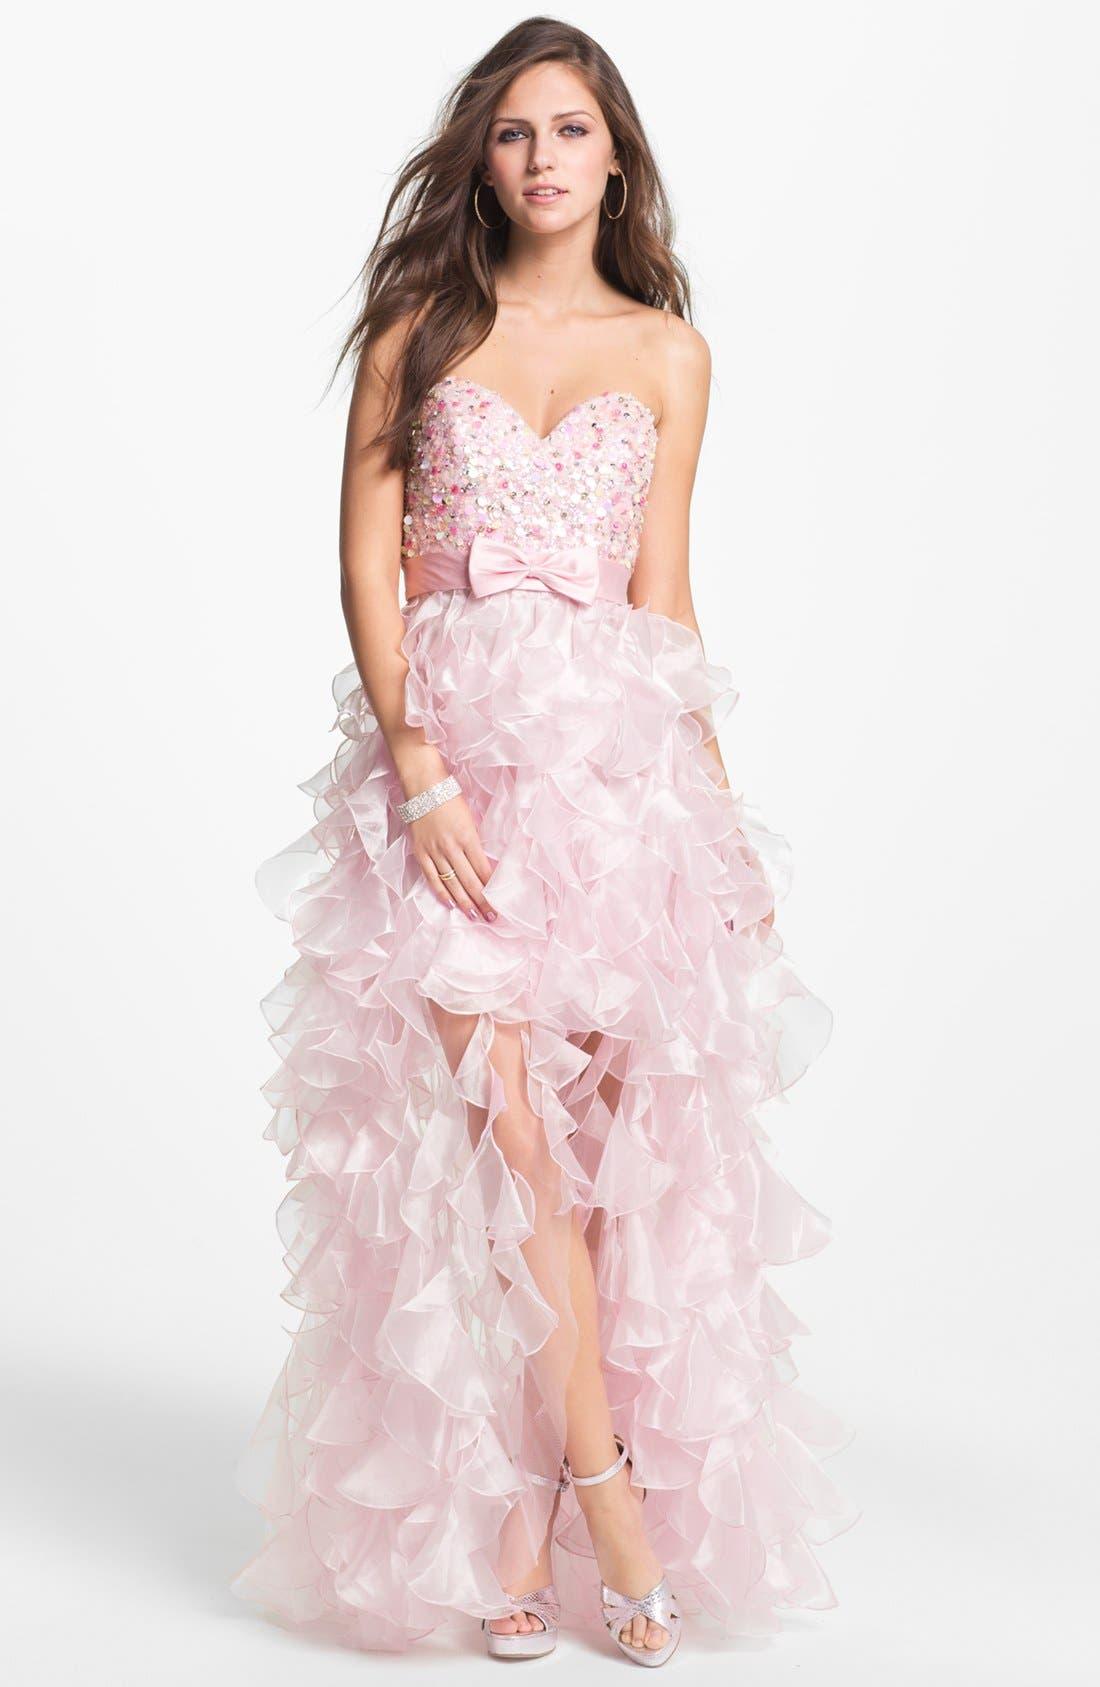 Main Image - Sherri Hill 'Corkscrew' Embellished Ruffled Chiffon Dress